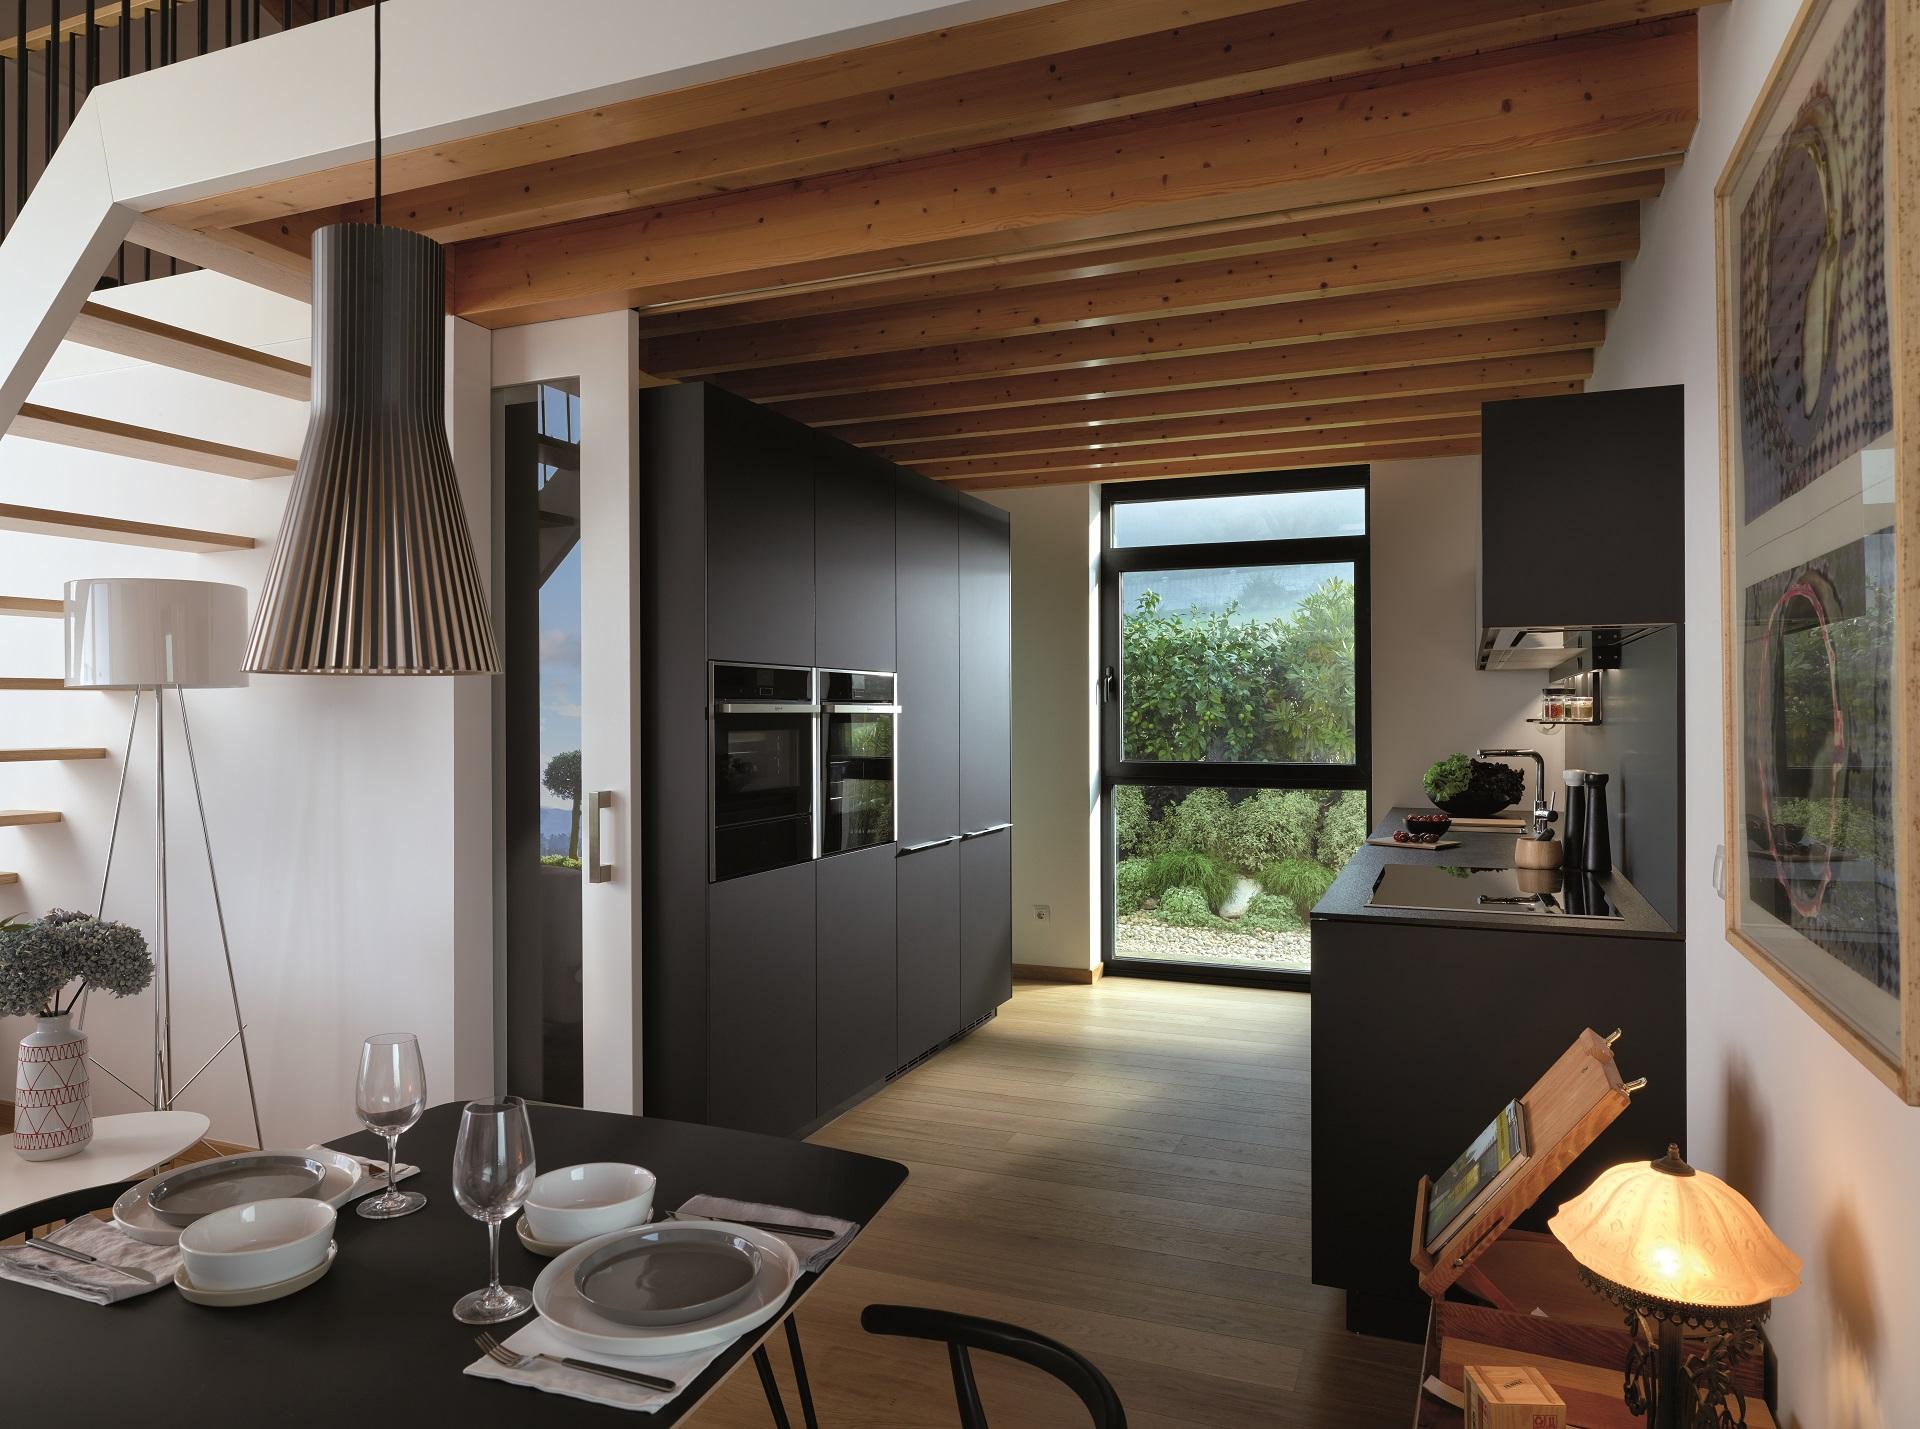 Cocinas abiertas con puertas y ventanal acristalado Santiago Interiores